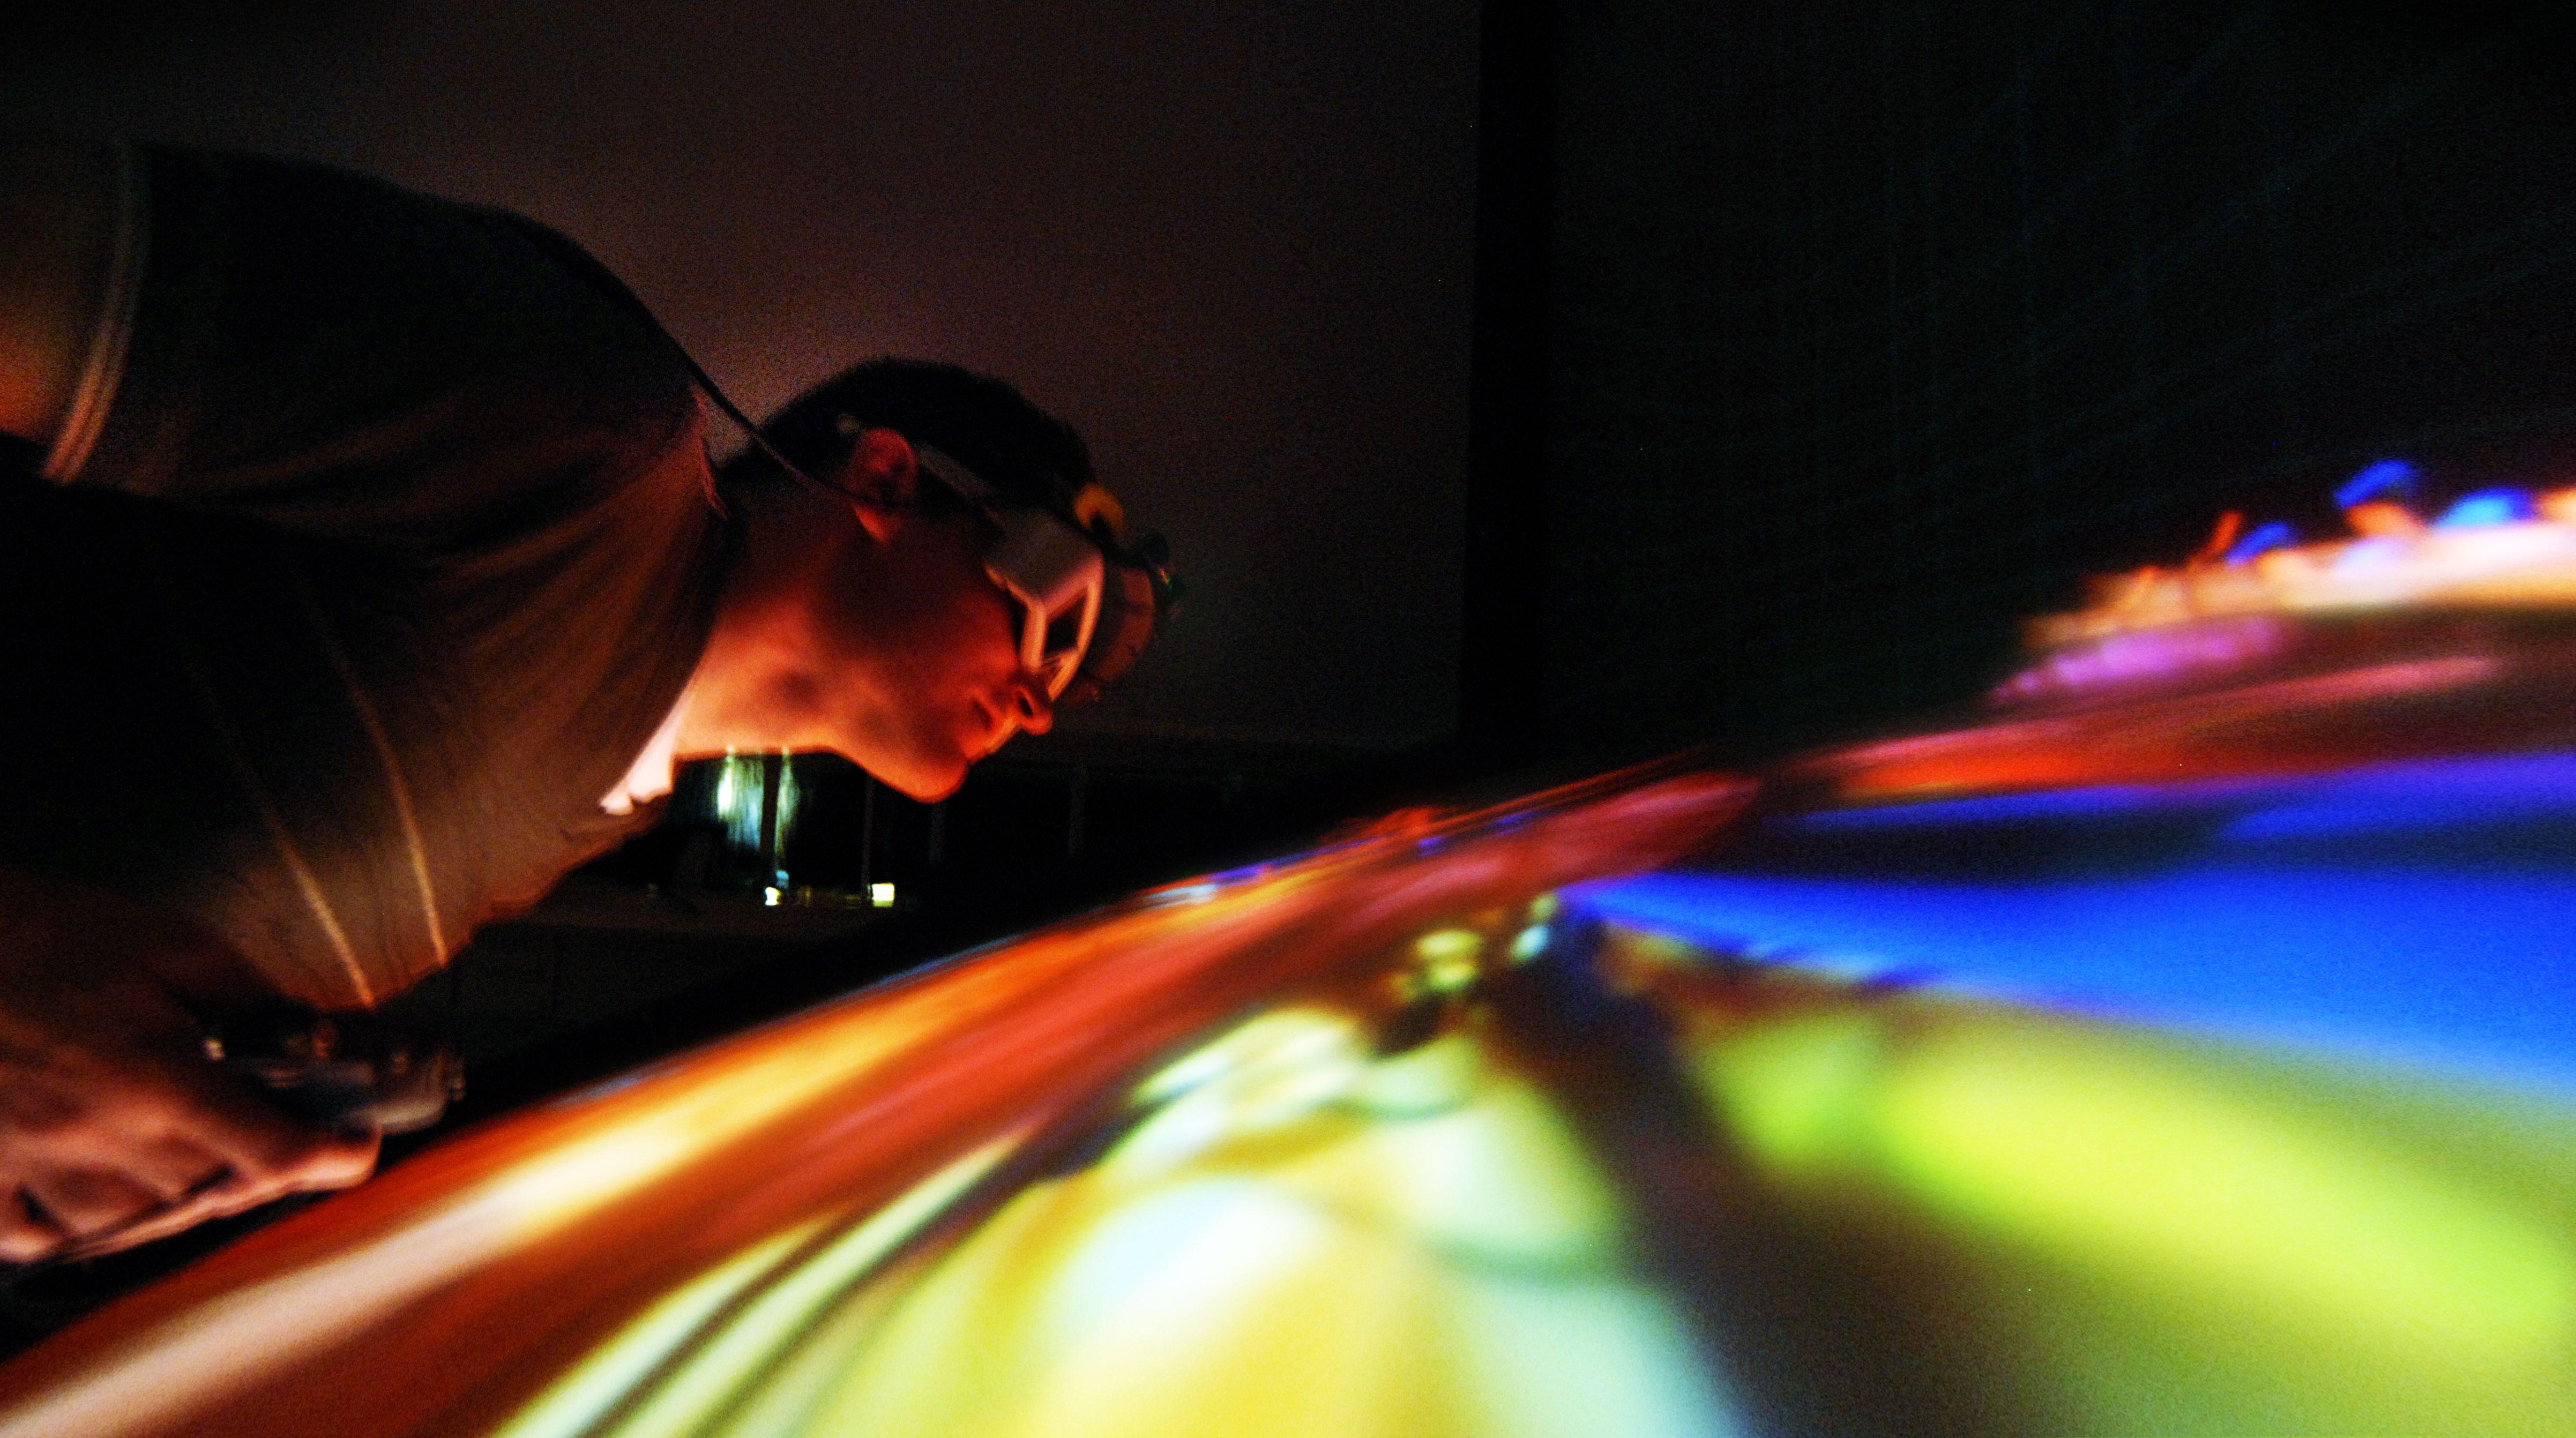 Vídeos de 360 grados, una experiencia envolvente